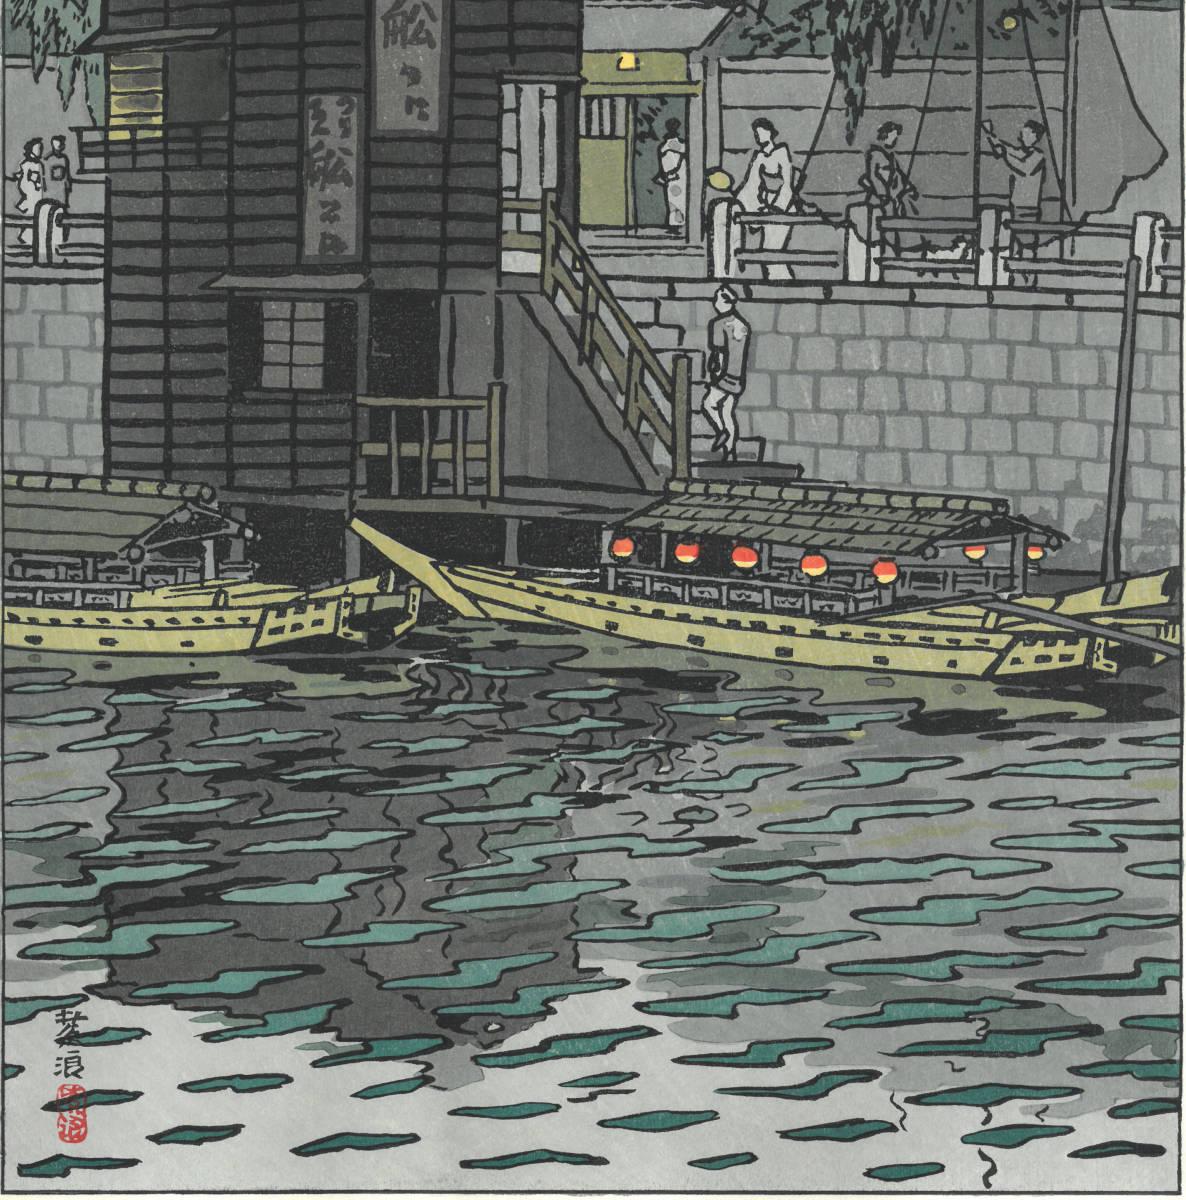 笠松紫浪 (Kasamatsu Shiro) 木版画 sk30 東京八景の内 柳橋付近 新版画  初版昭和中期頃   一流の摺師の技をご堪能下さい!!_画像8